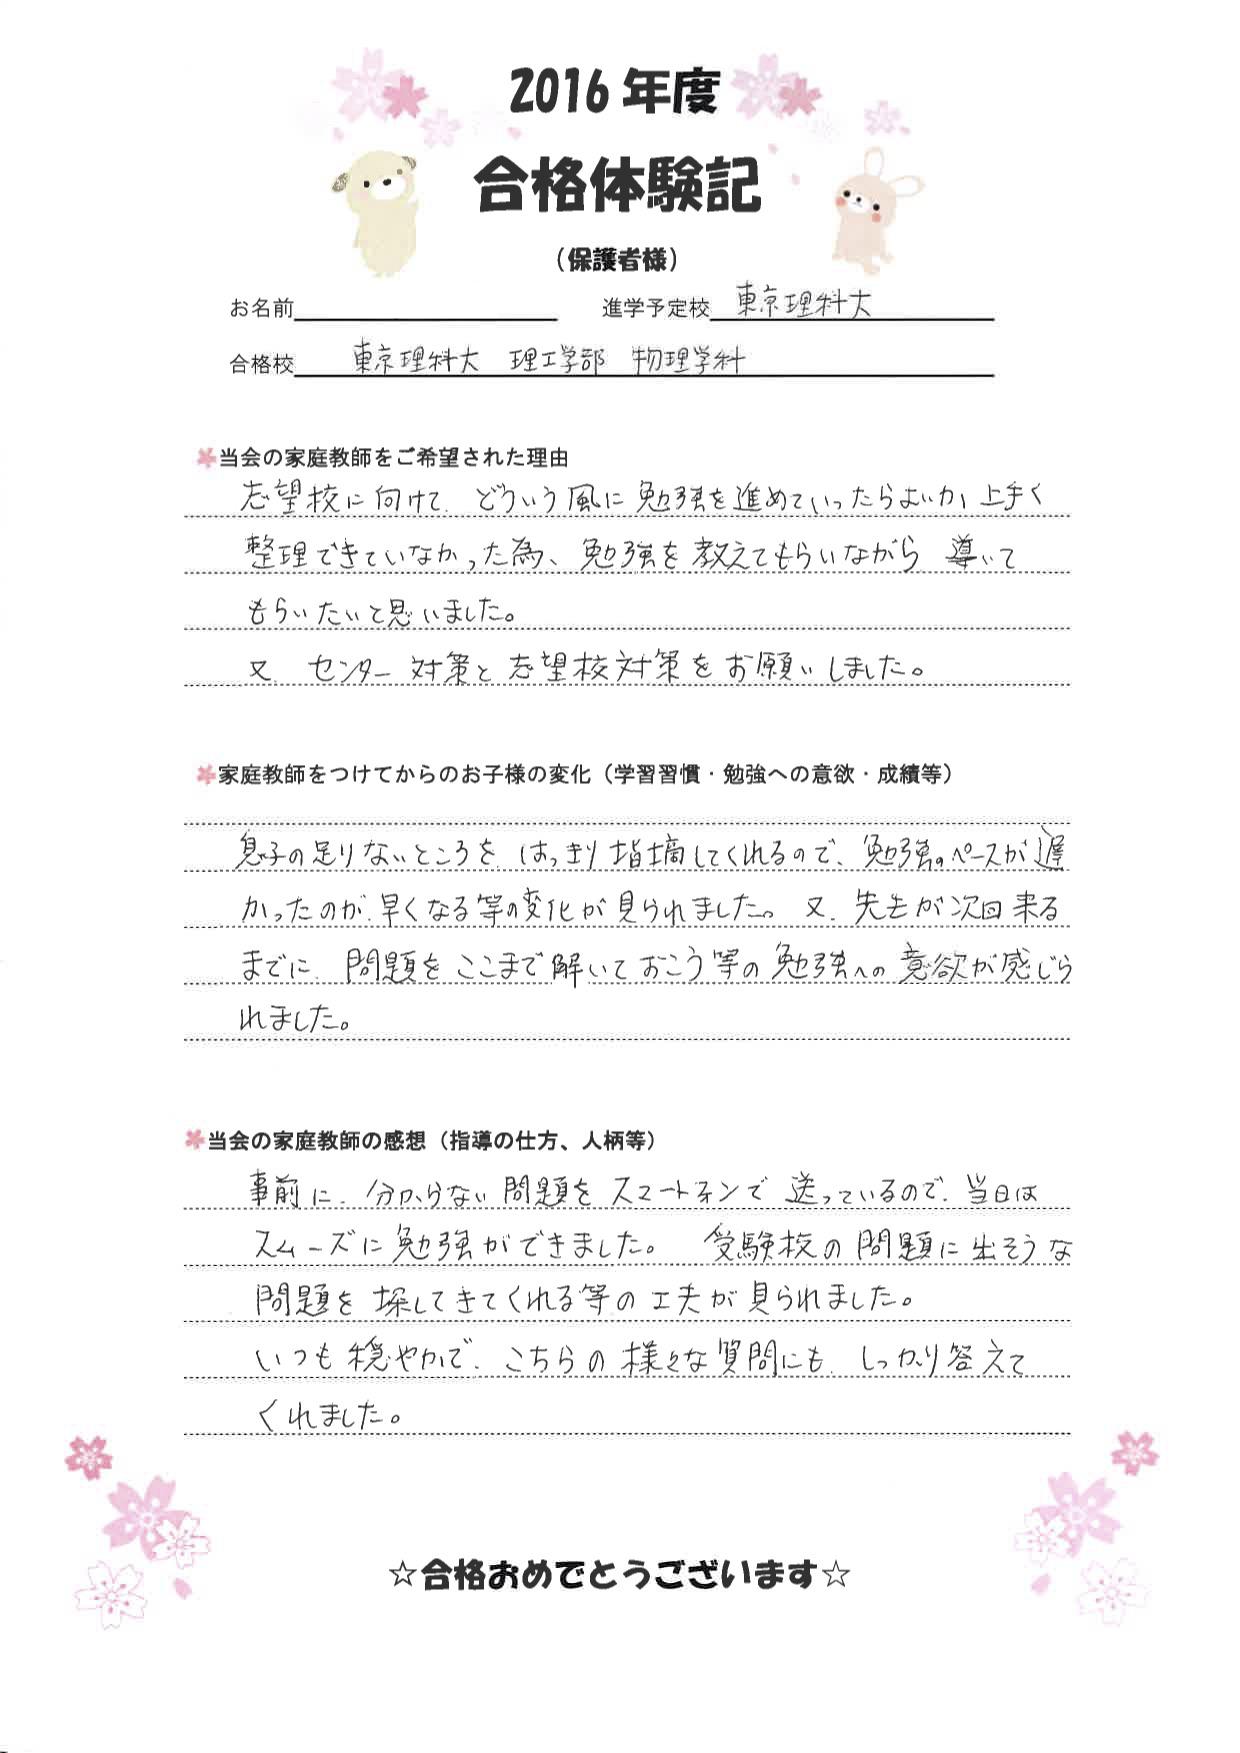 【加工済み】合格体験記16